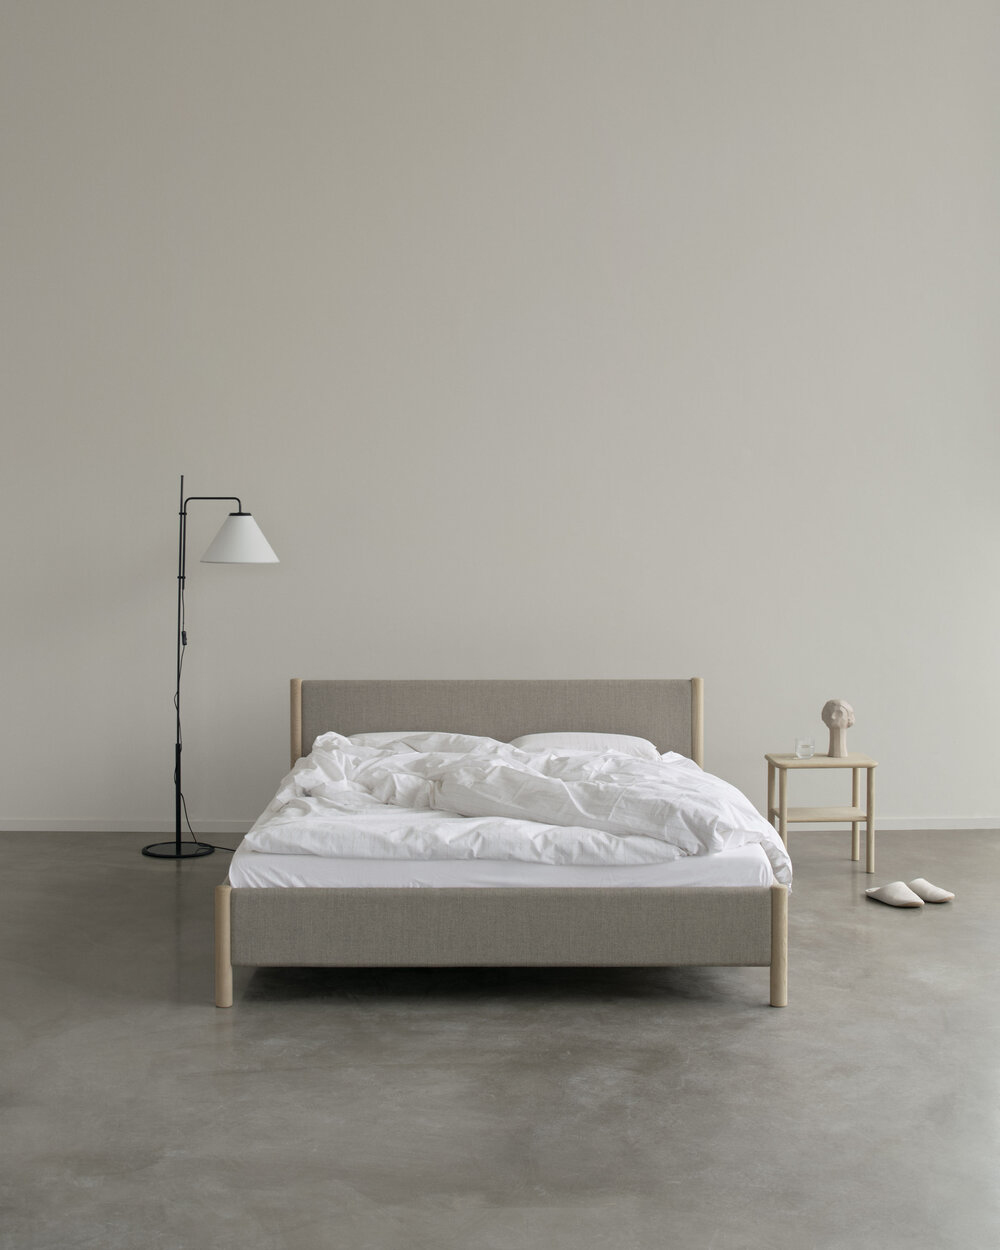 The Best Scandinavian Bed And Mattress Brands